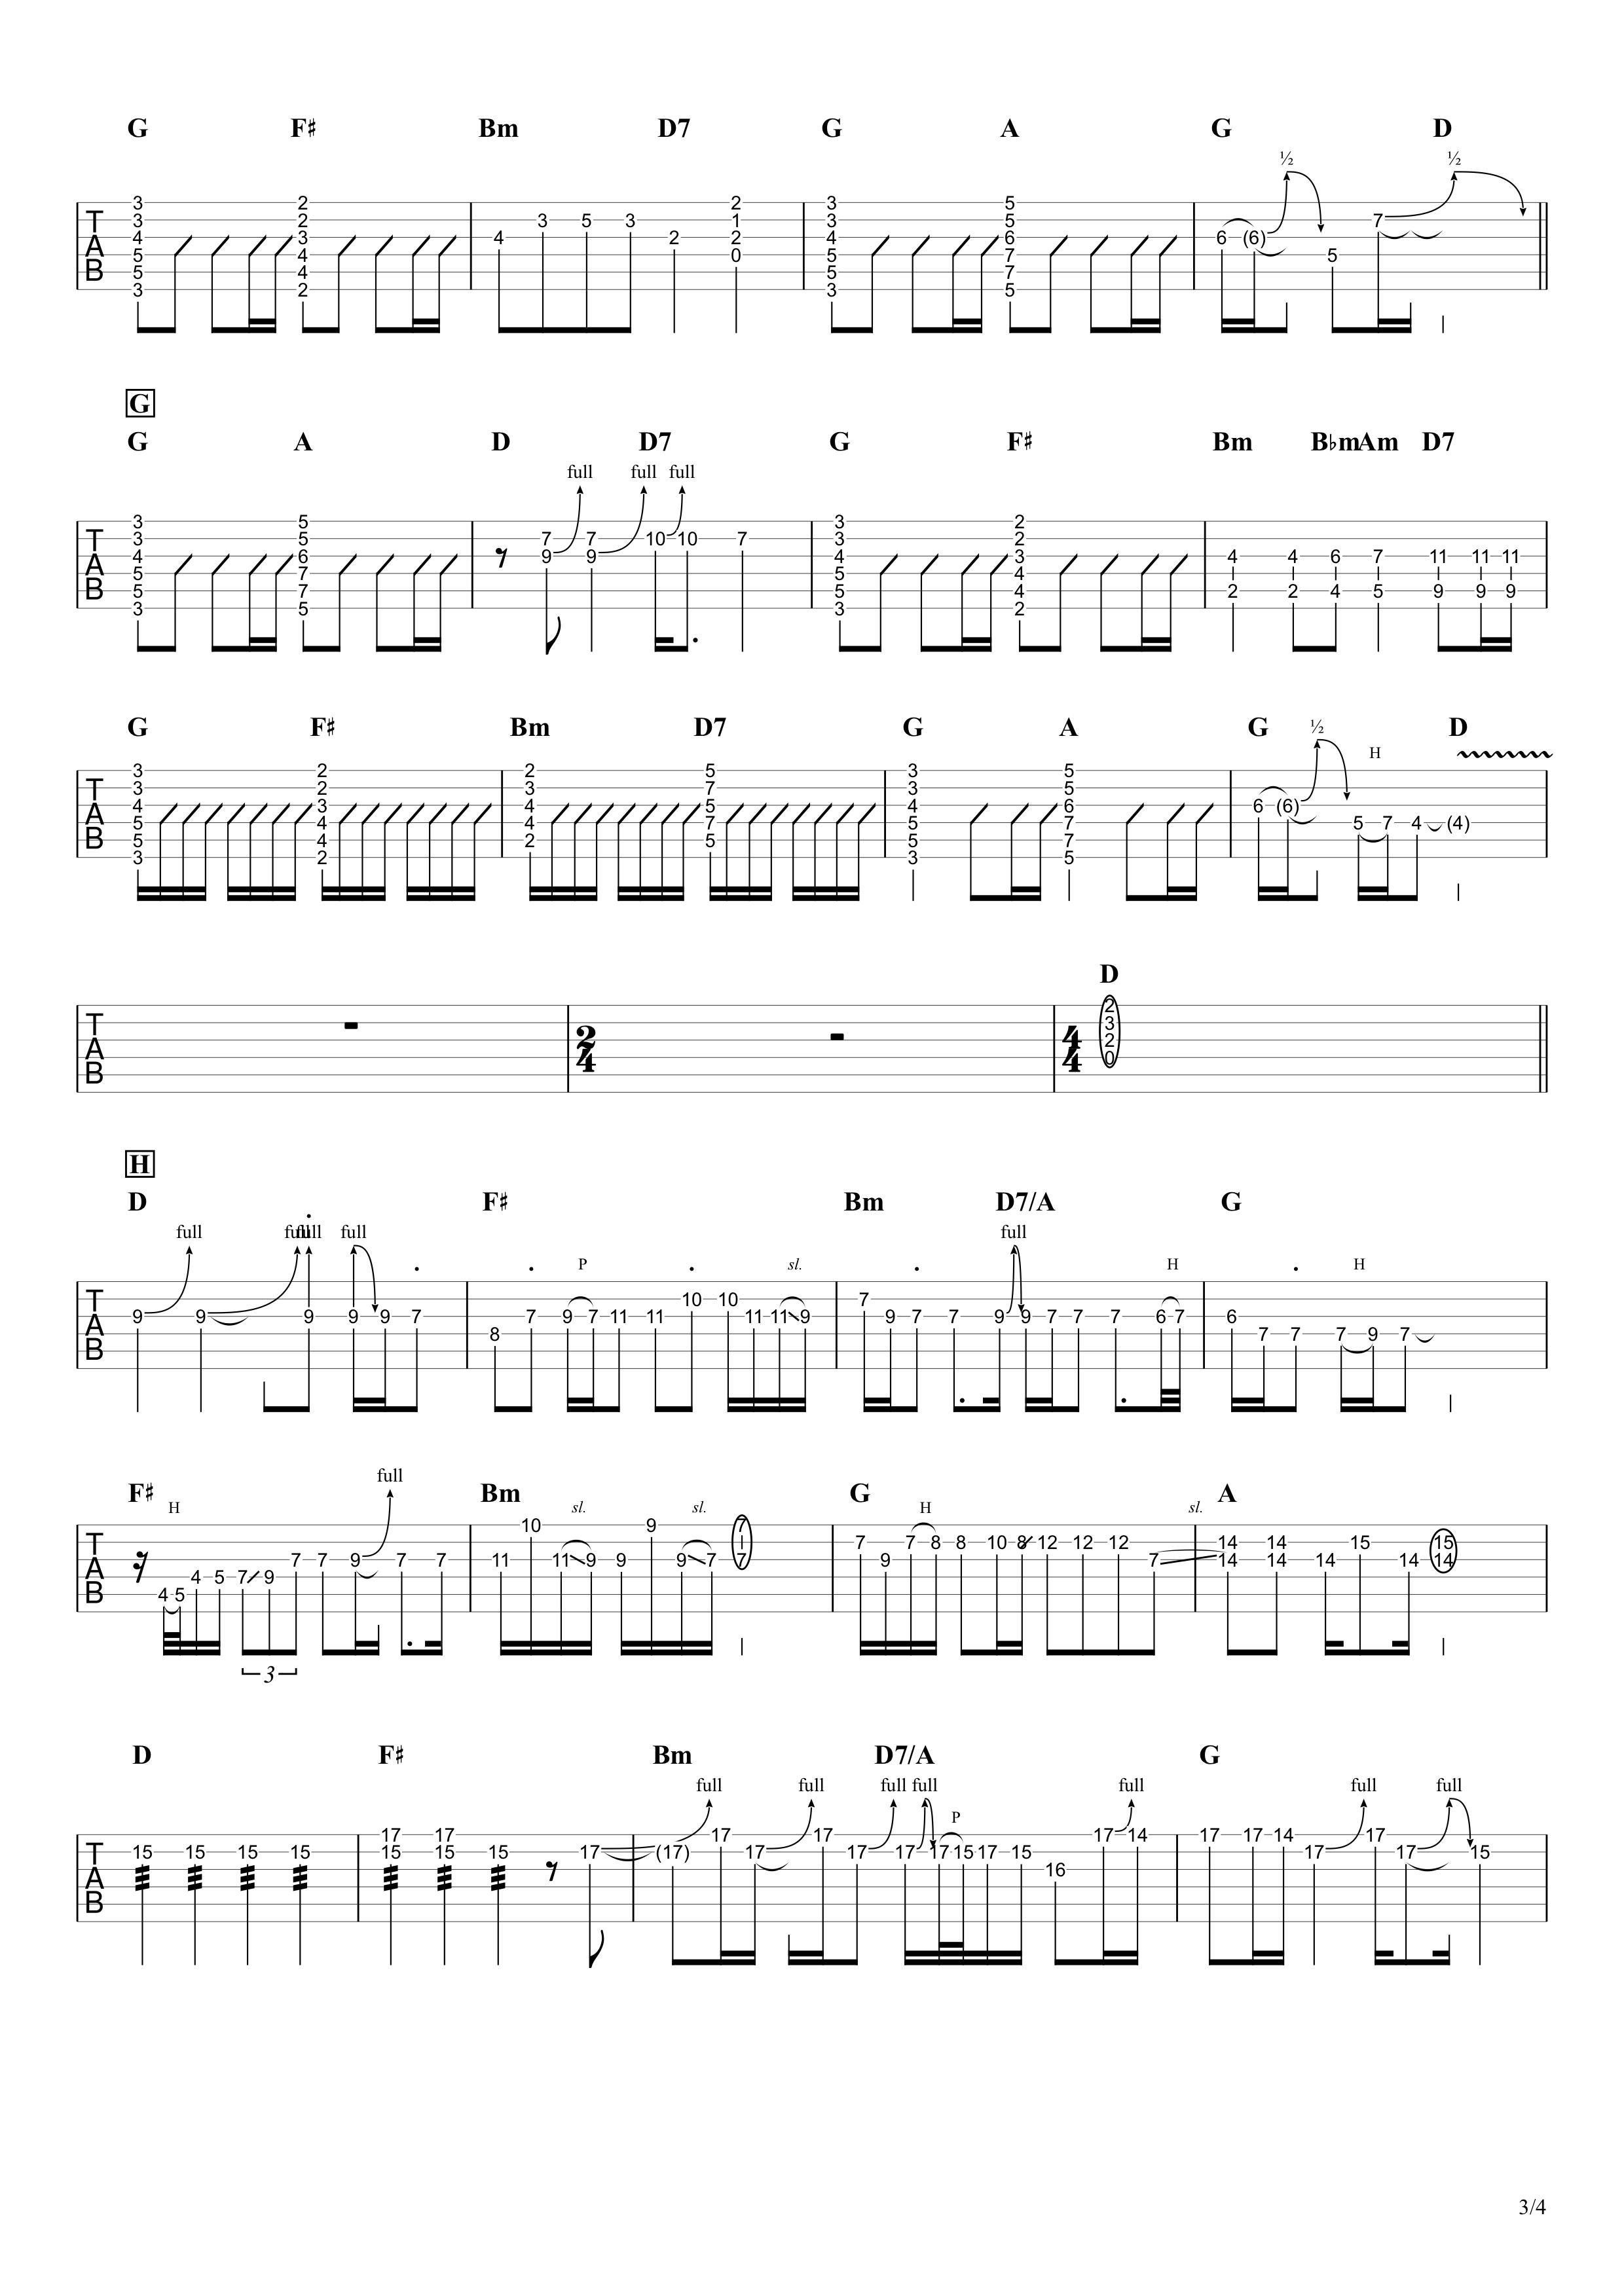 大人になったら/GLIM SPANKEY ギタータブ譜 リードギターほぼ完コピVer.03